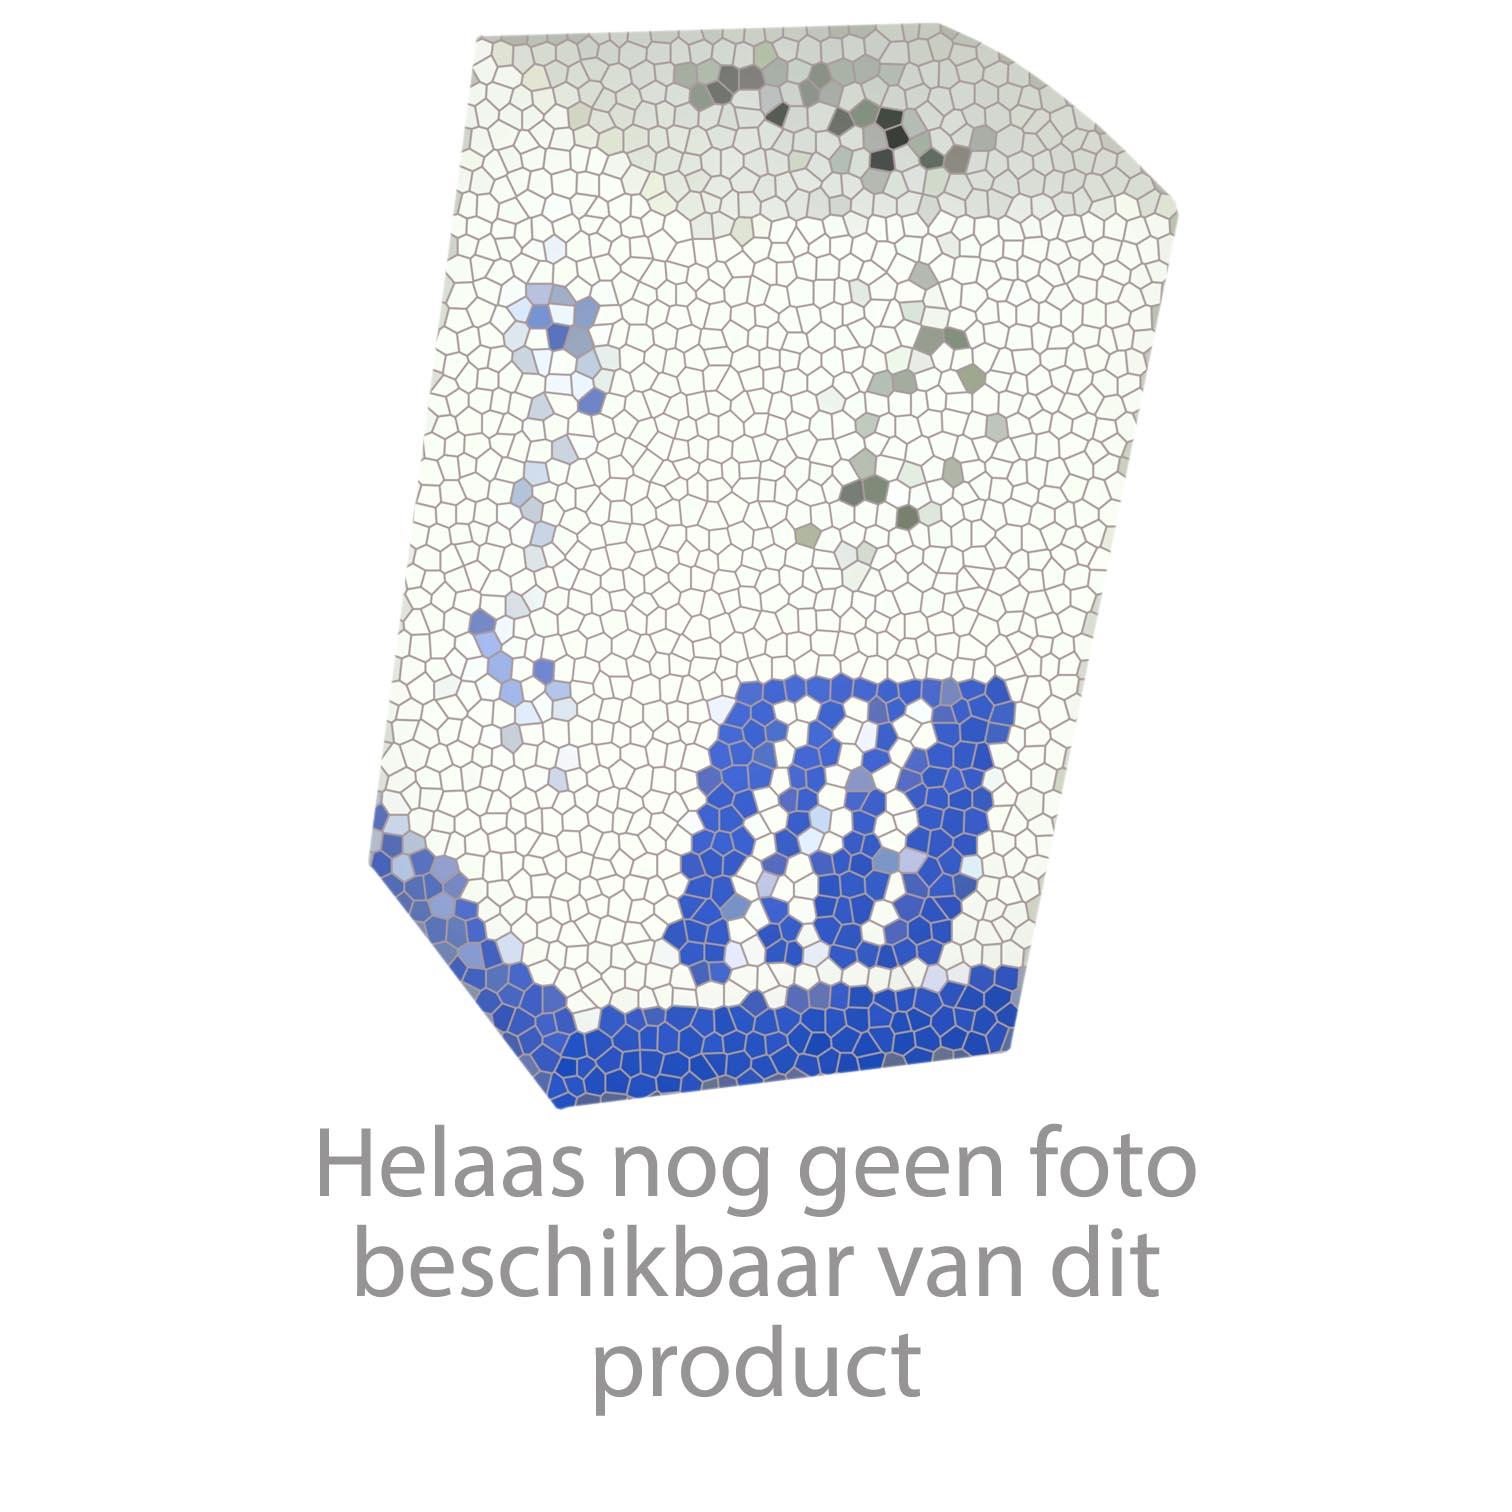 HansGrohe Keukenmengkranen Allegra Steel productiejaar 07/99 - 10/05 35807800 onderdelen